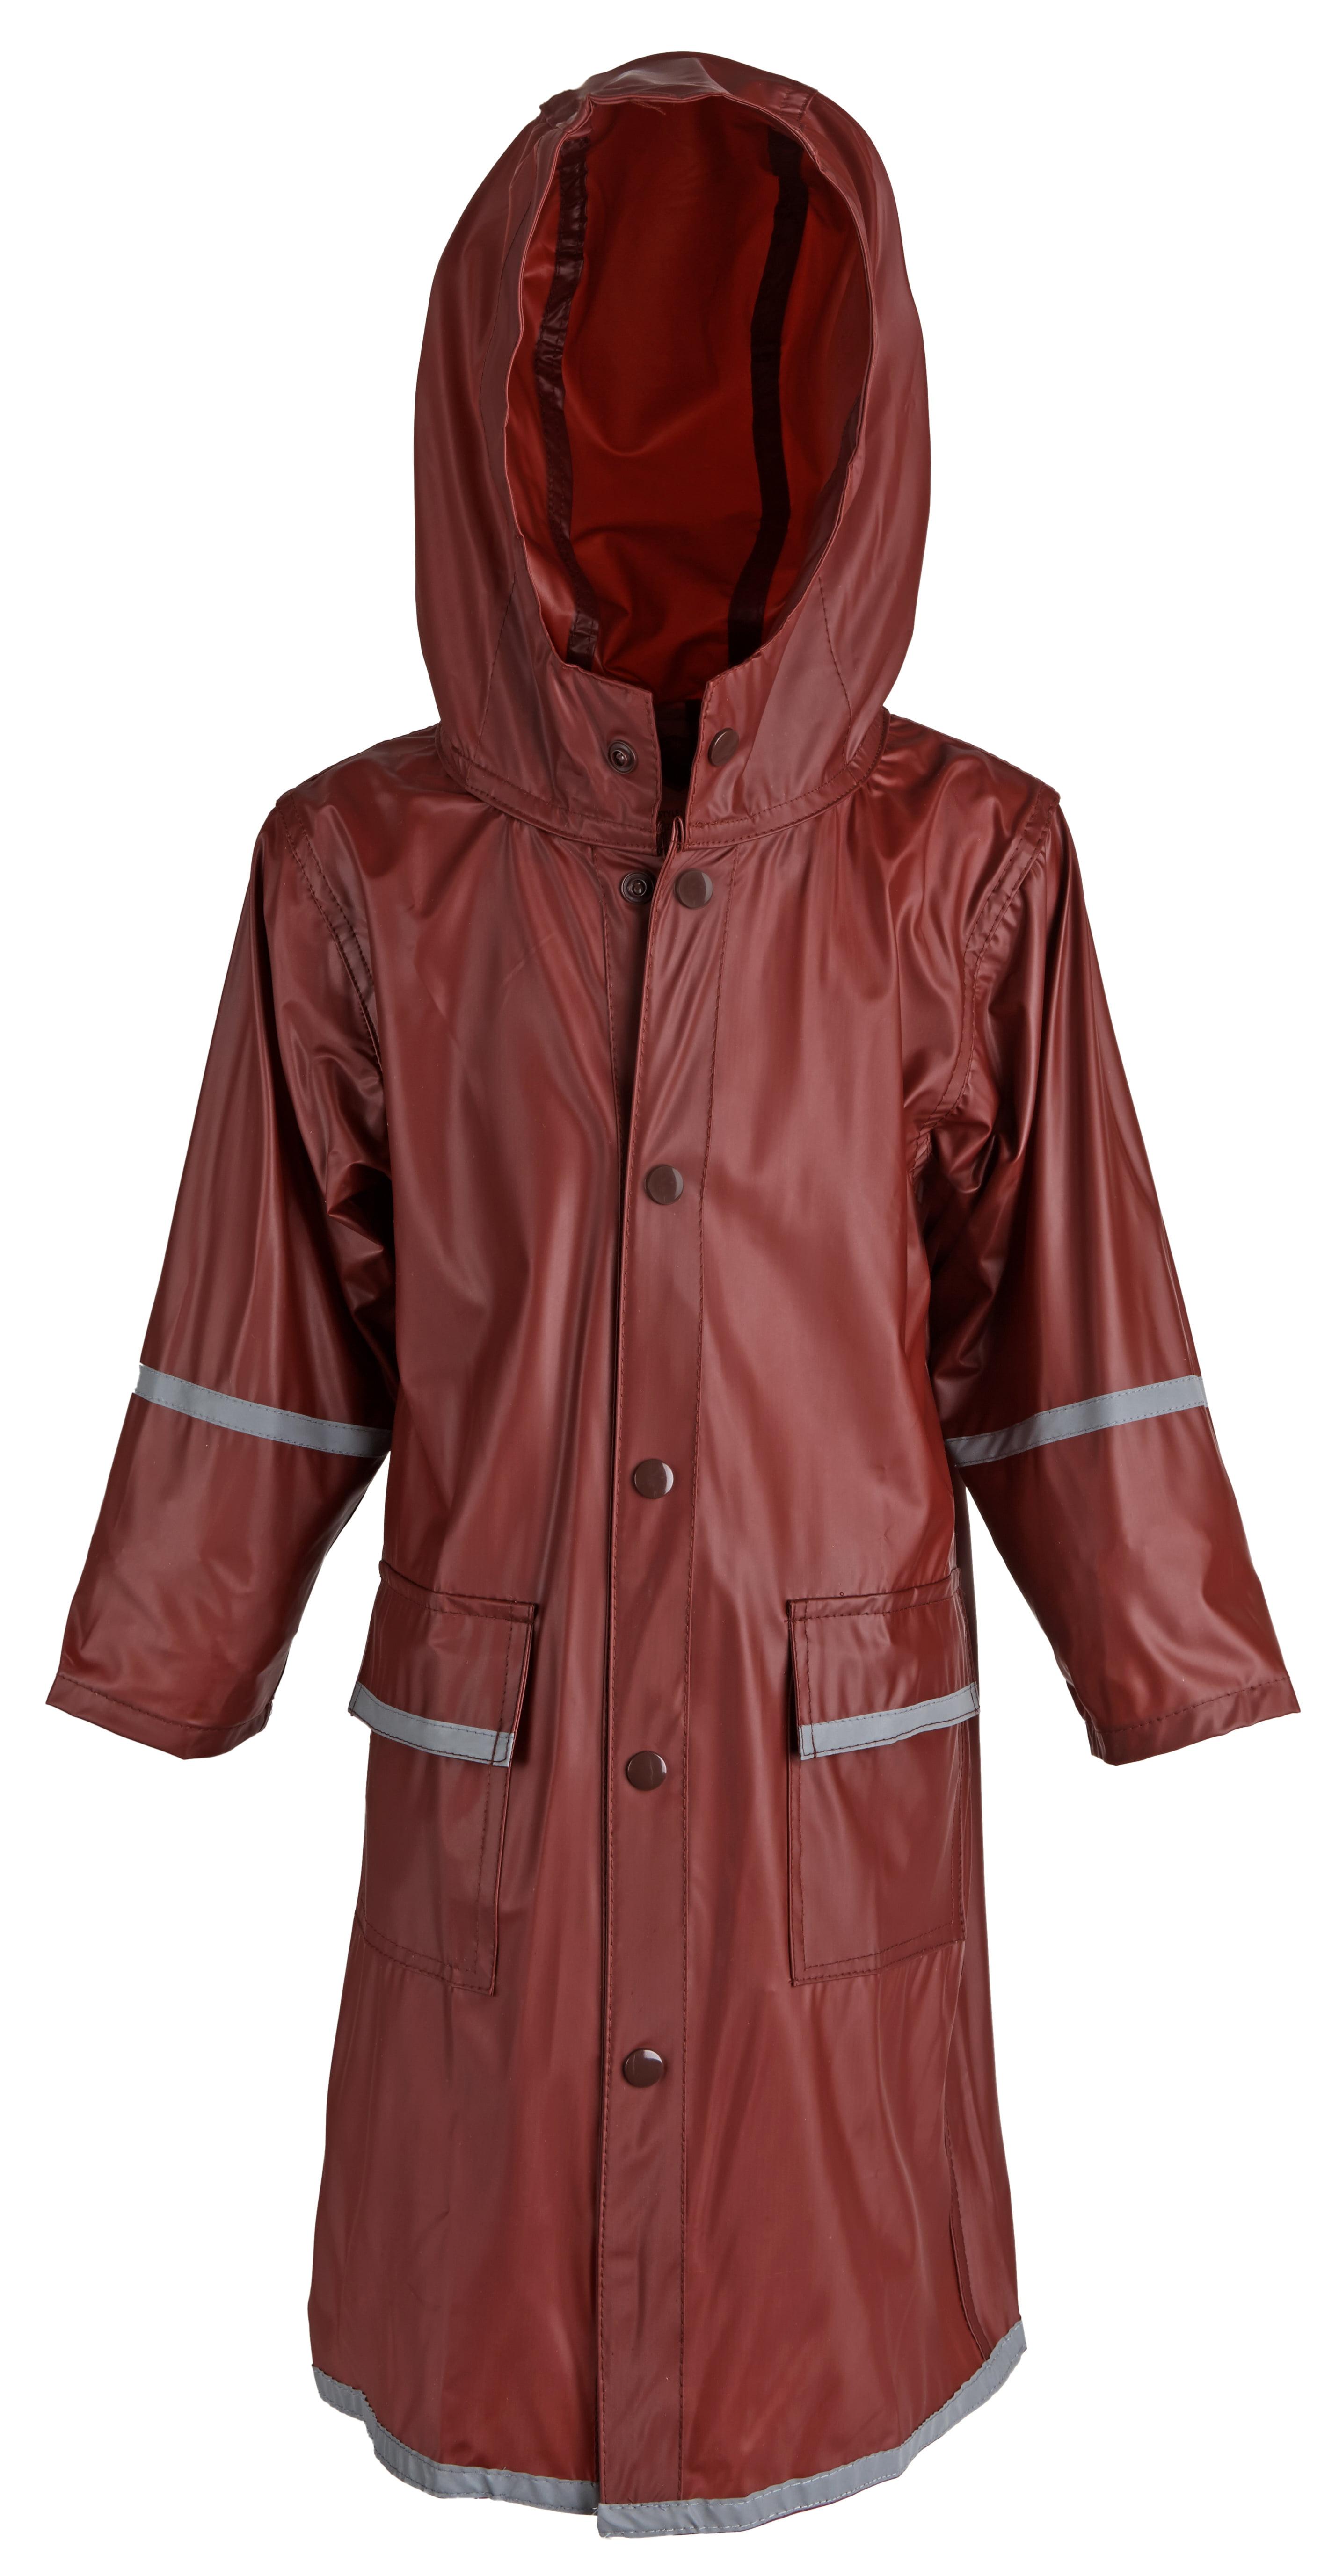 404c61e6625f WearWide - Girls Kids Waterproof Full Length Long Hooded Raincoat ...